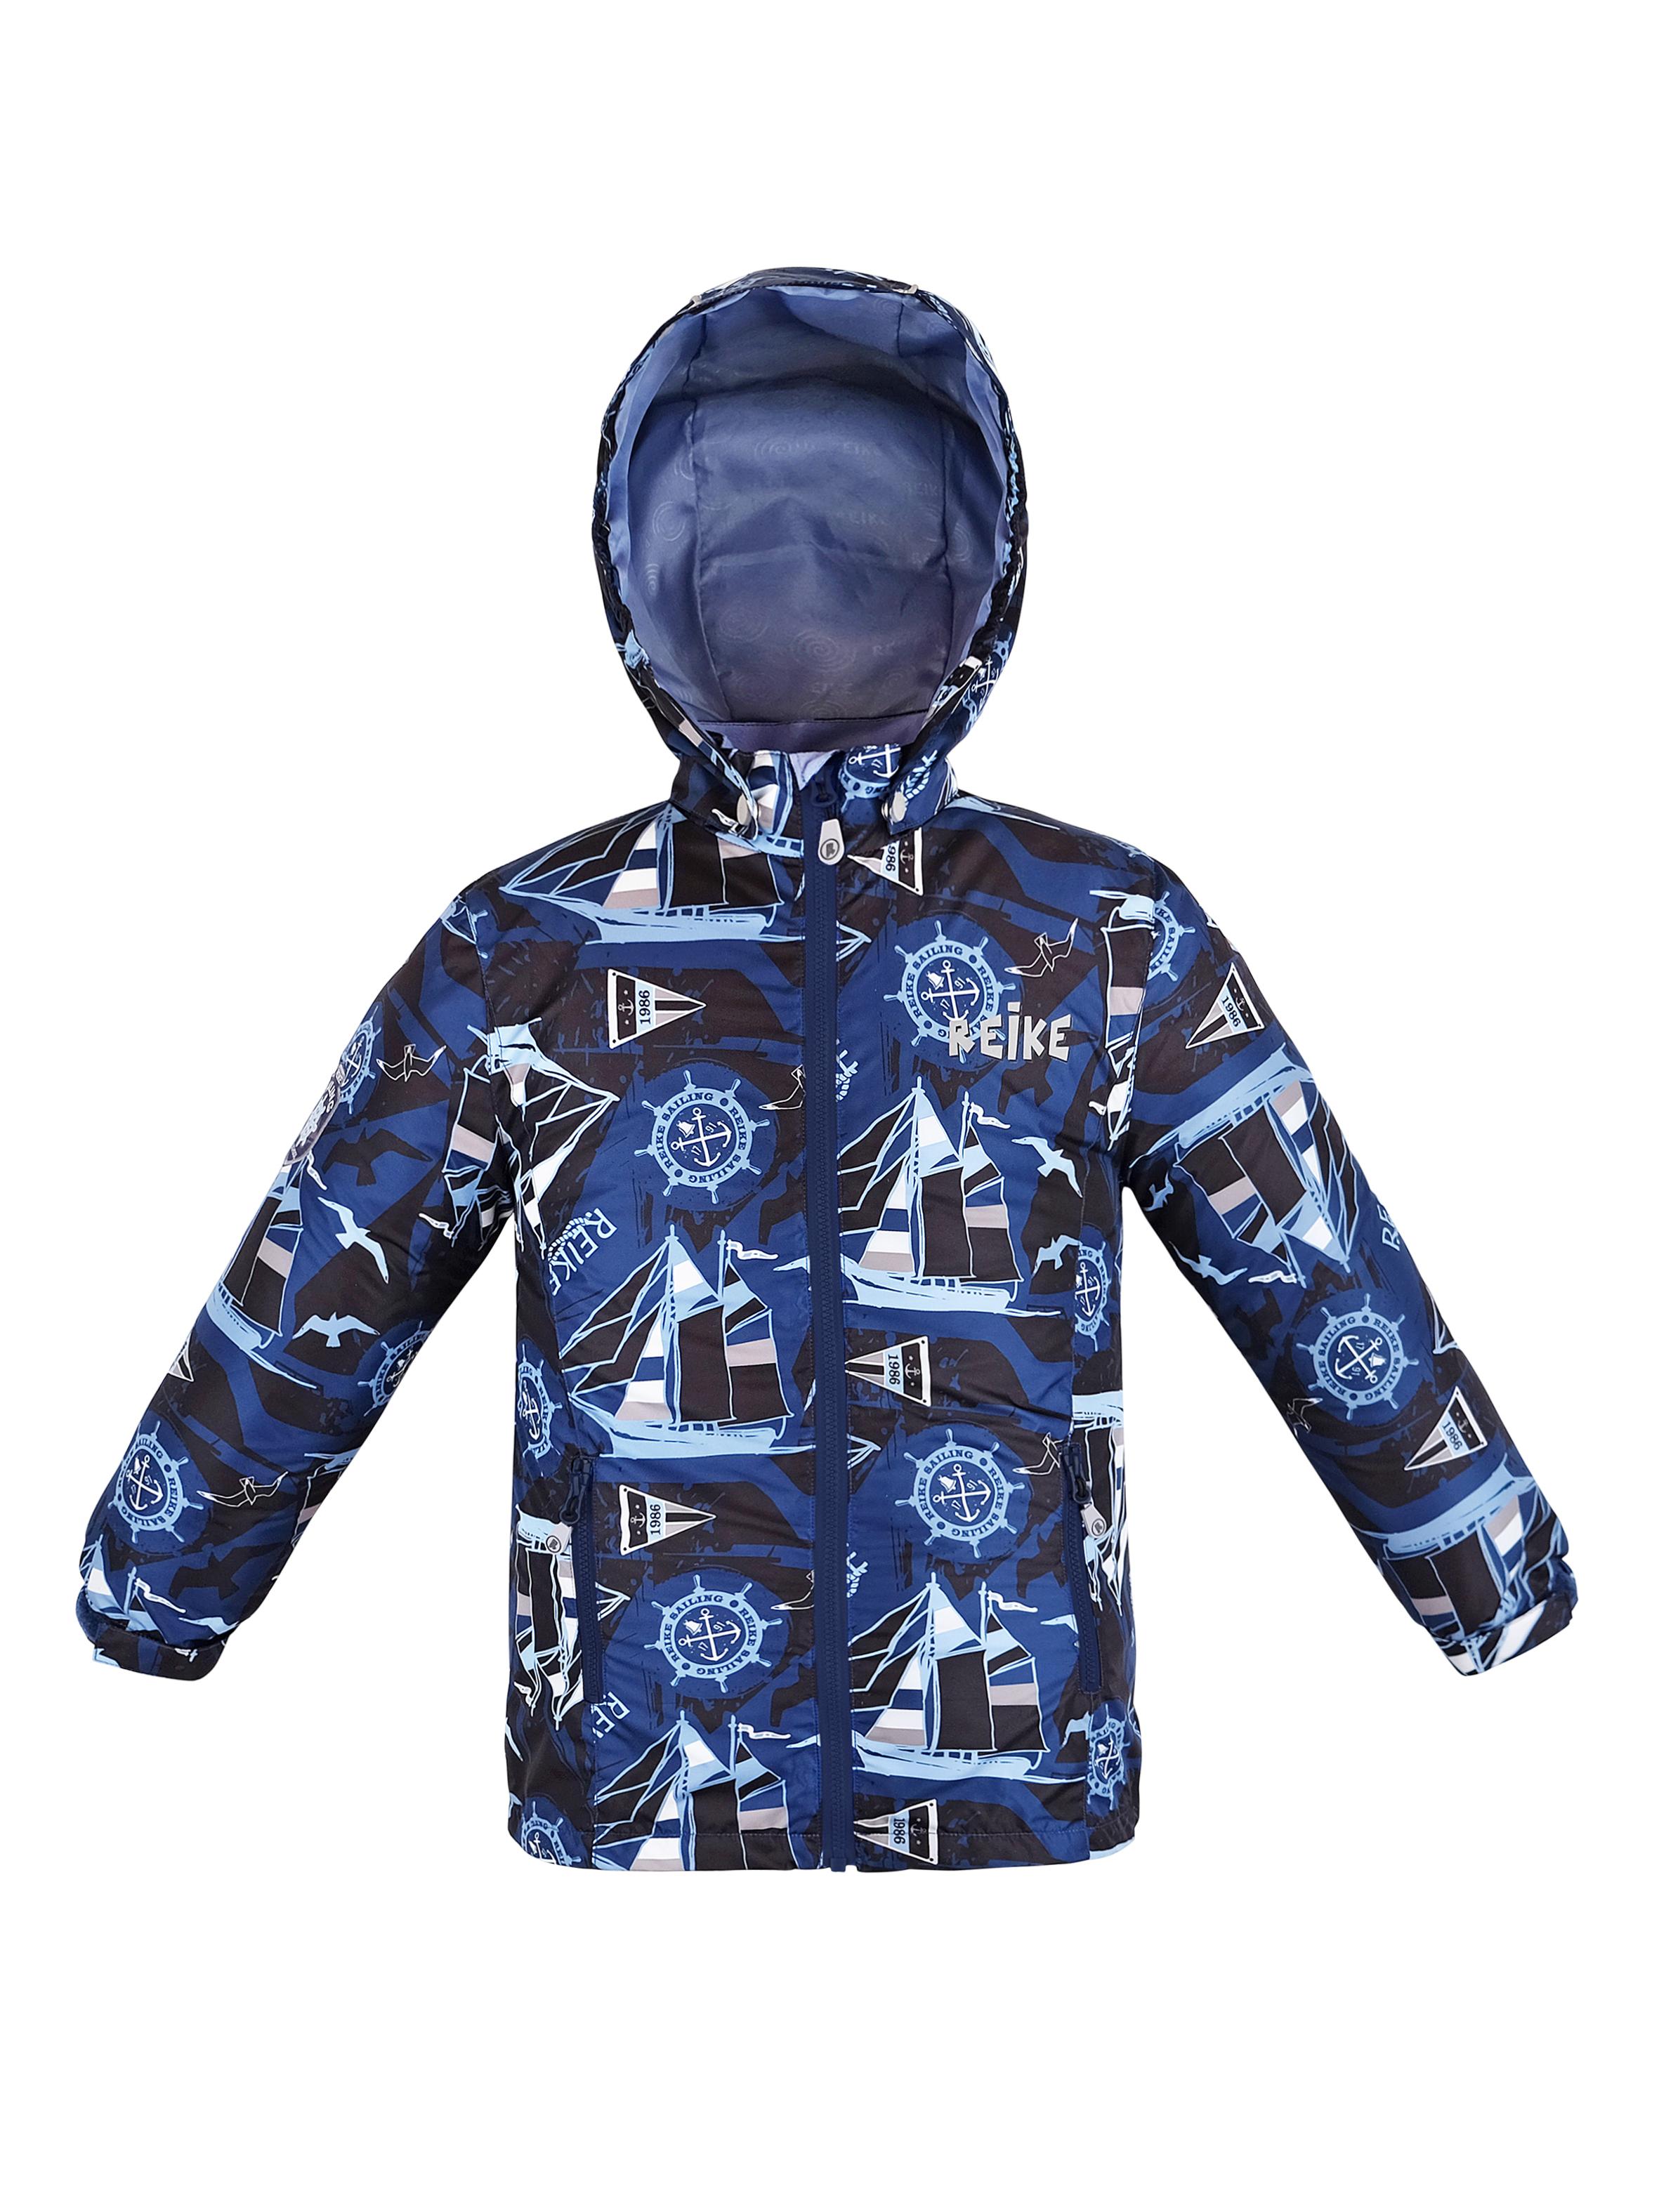 Куртка для мальчика Reike Sailing navy р.158